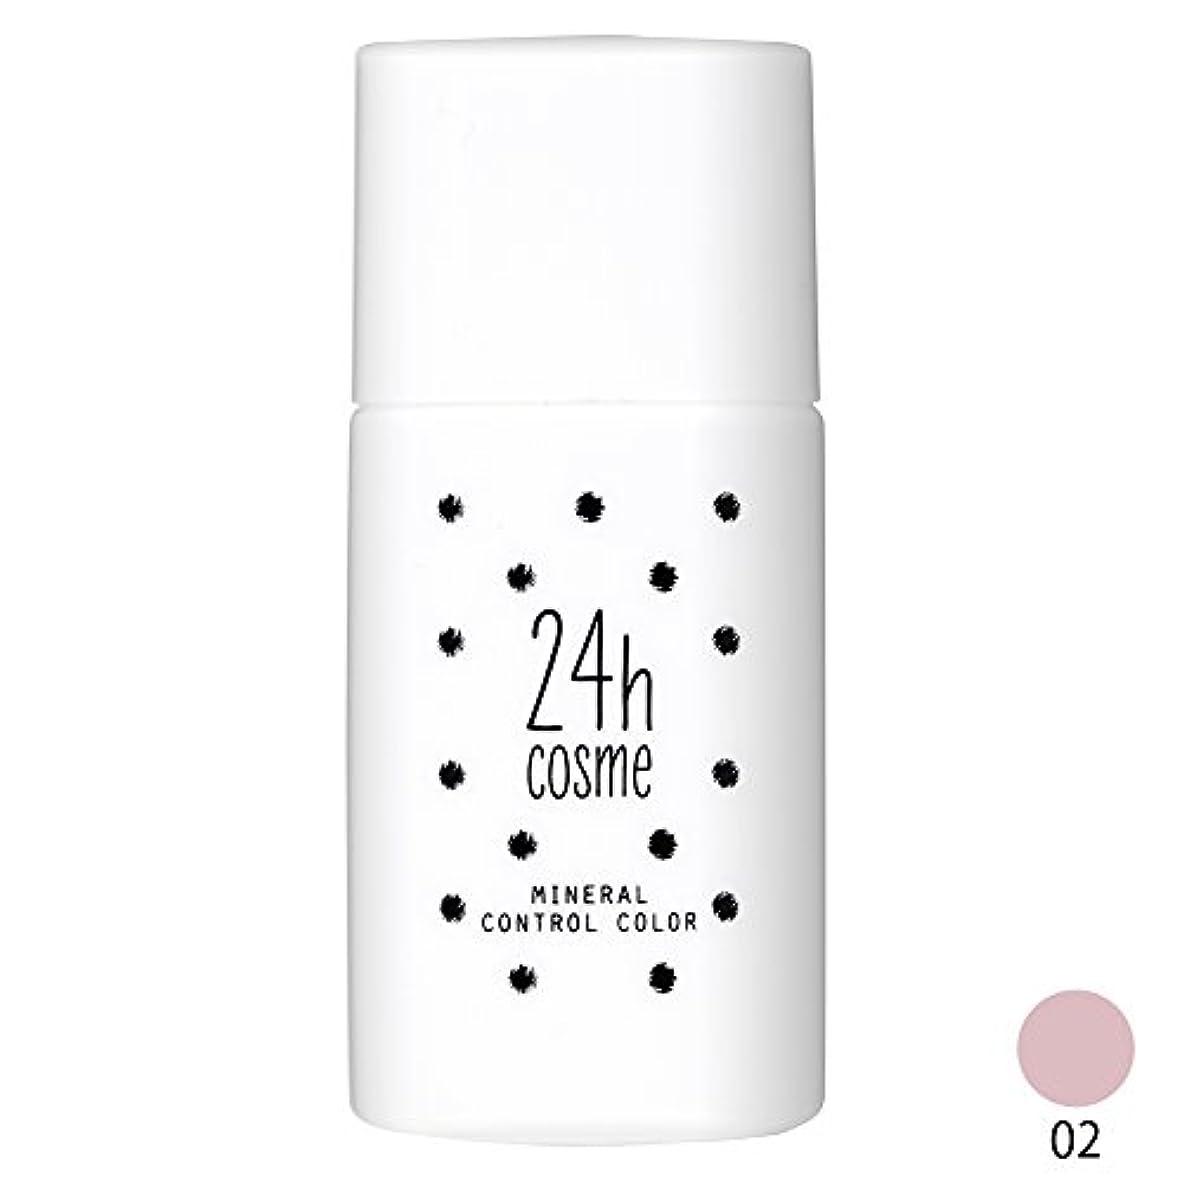 バンドル韻クール24h cosme 24 コントロールベースカラー 02クリアバイオレット 肌に優しい化粧下地 20ml